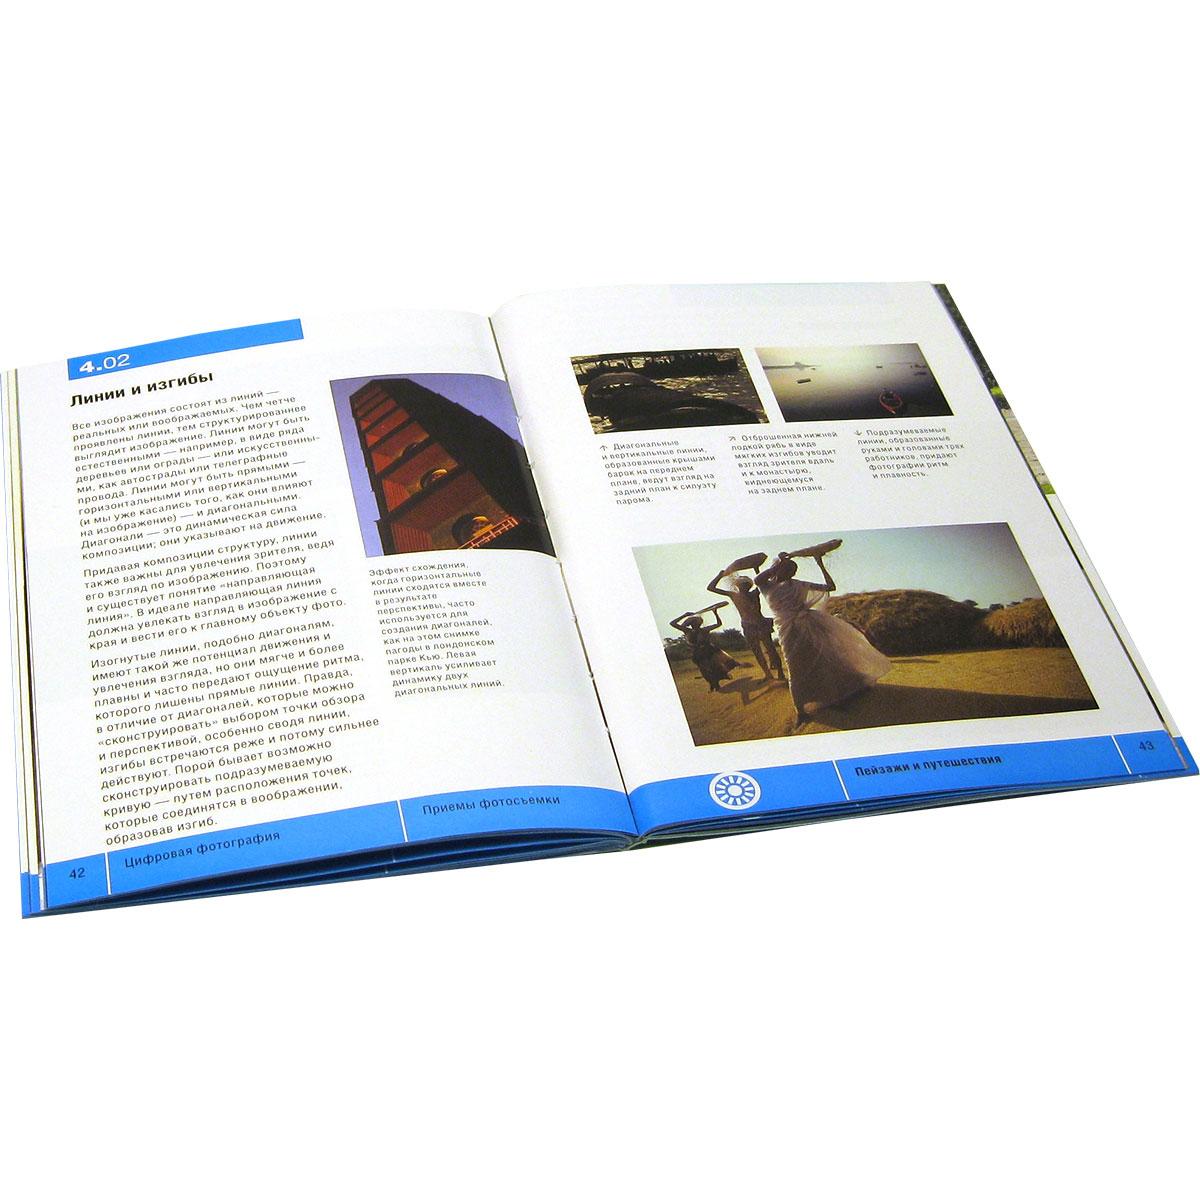 Цифровая фотография. Инструменты мастера (комплект в чемоданчике: 6 книг, DVD-ROM с мастер-классом Майкла Фримана) + подарок: 500 способов изменить мир